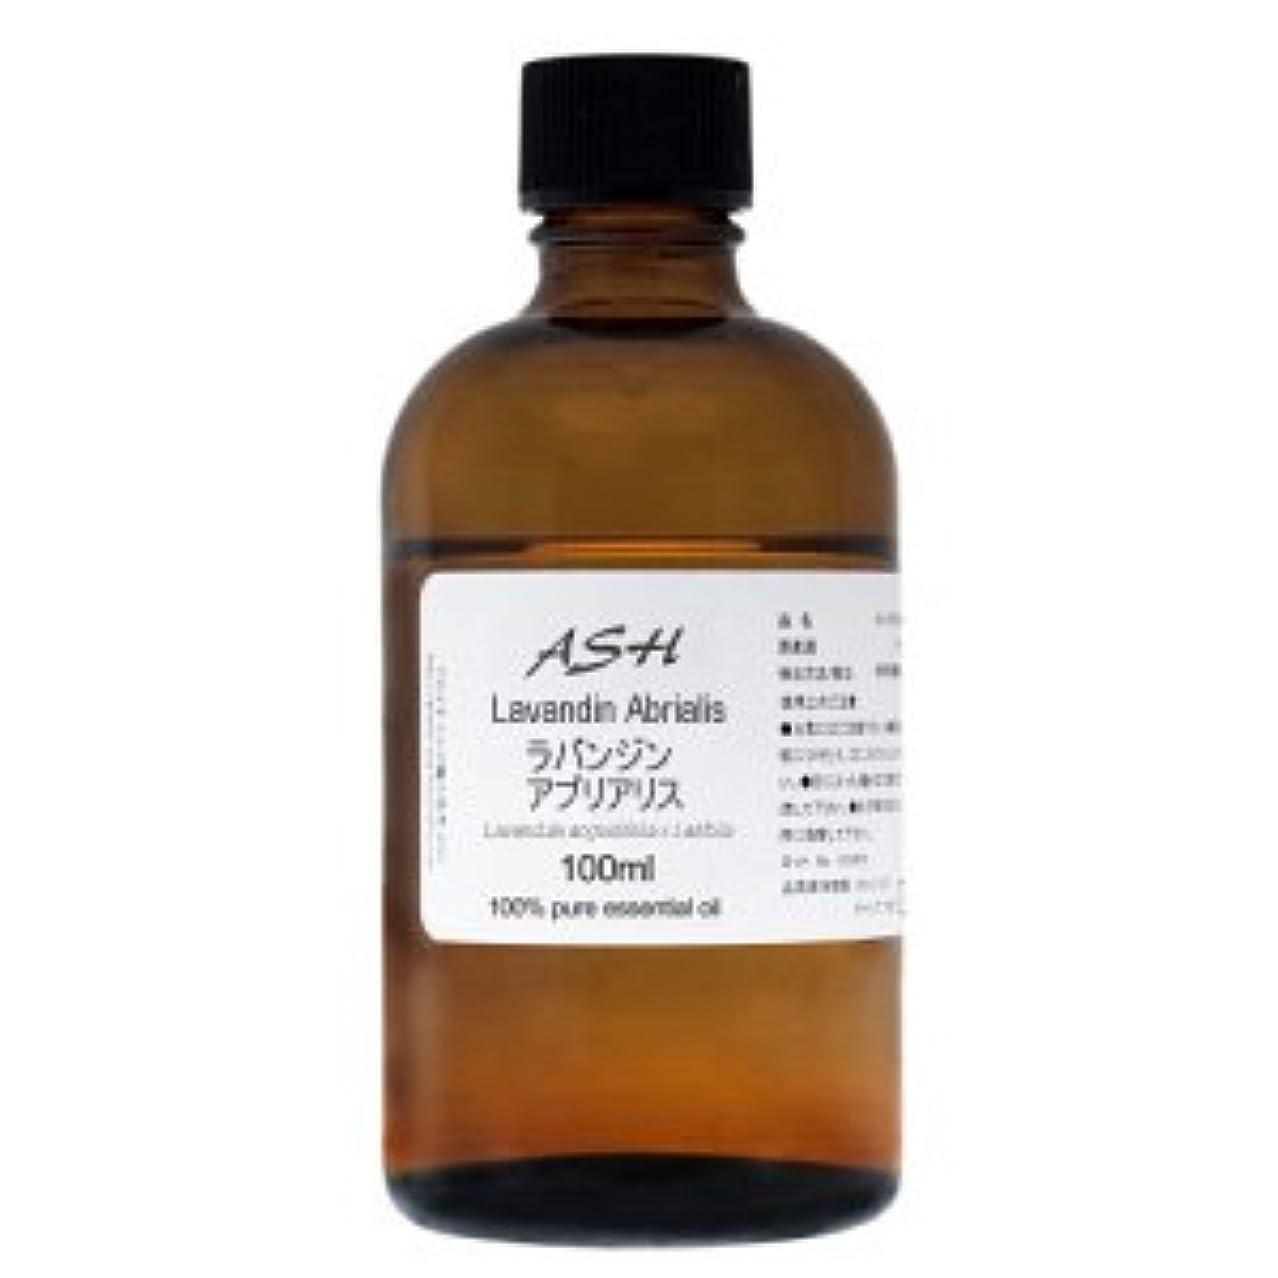 ドラッグ汚染された次ASH ラバンジン アブリアリス エッセンシャルオイル 100ml AEAJ表示基準適合認定精油